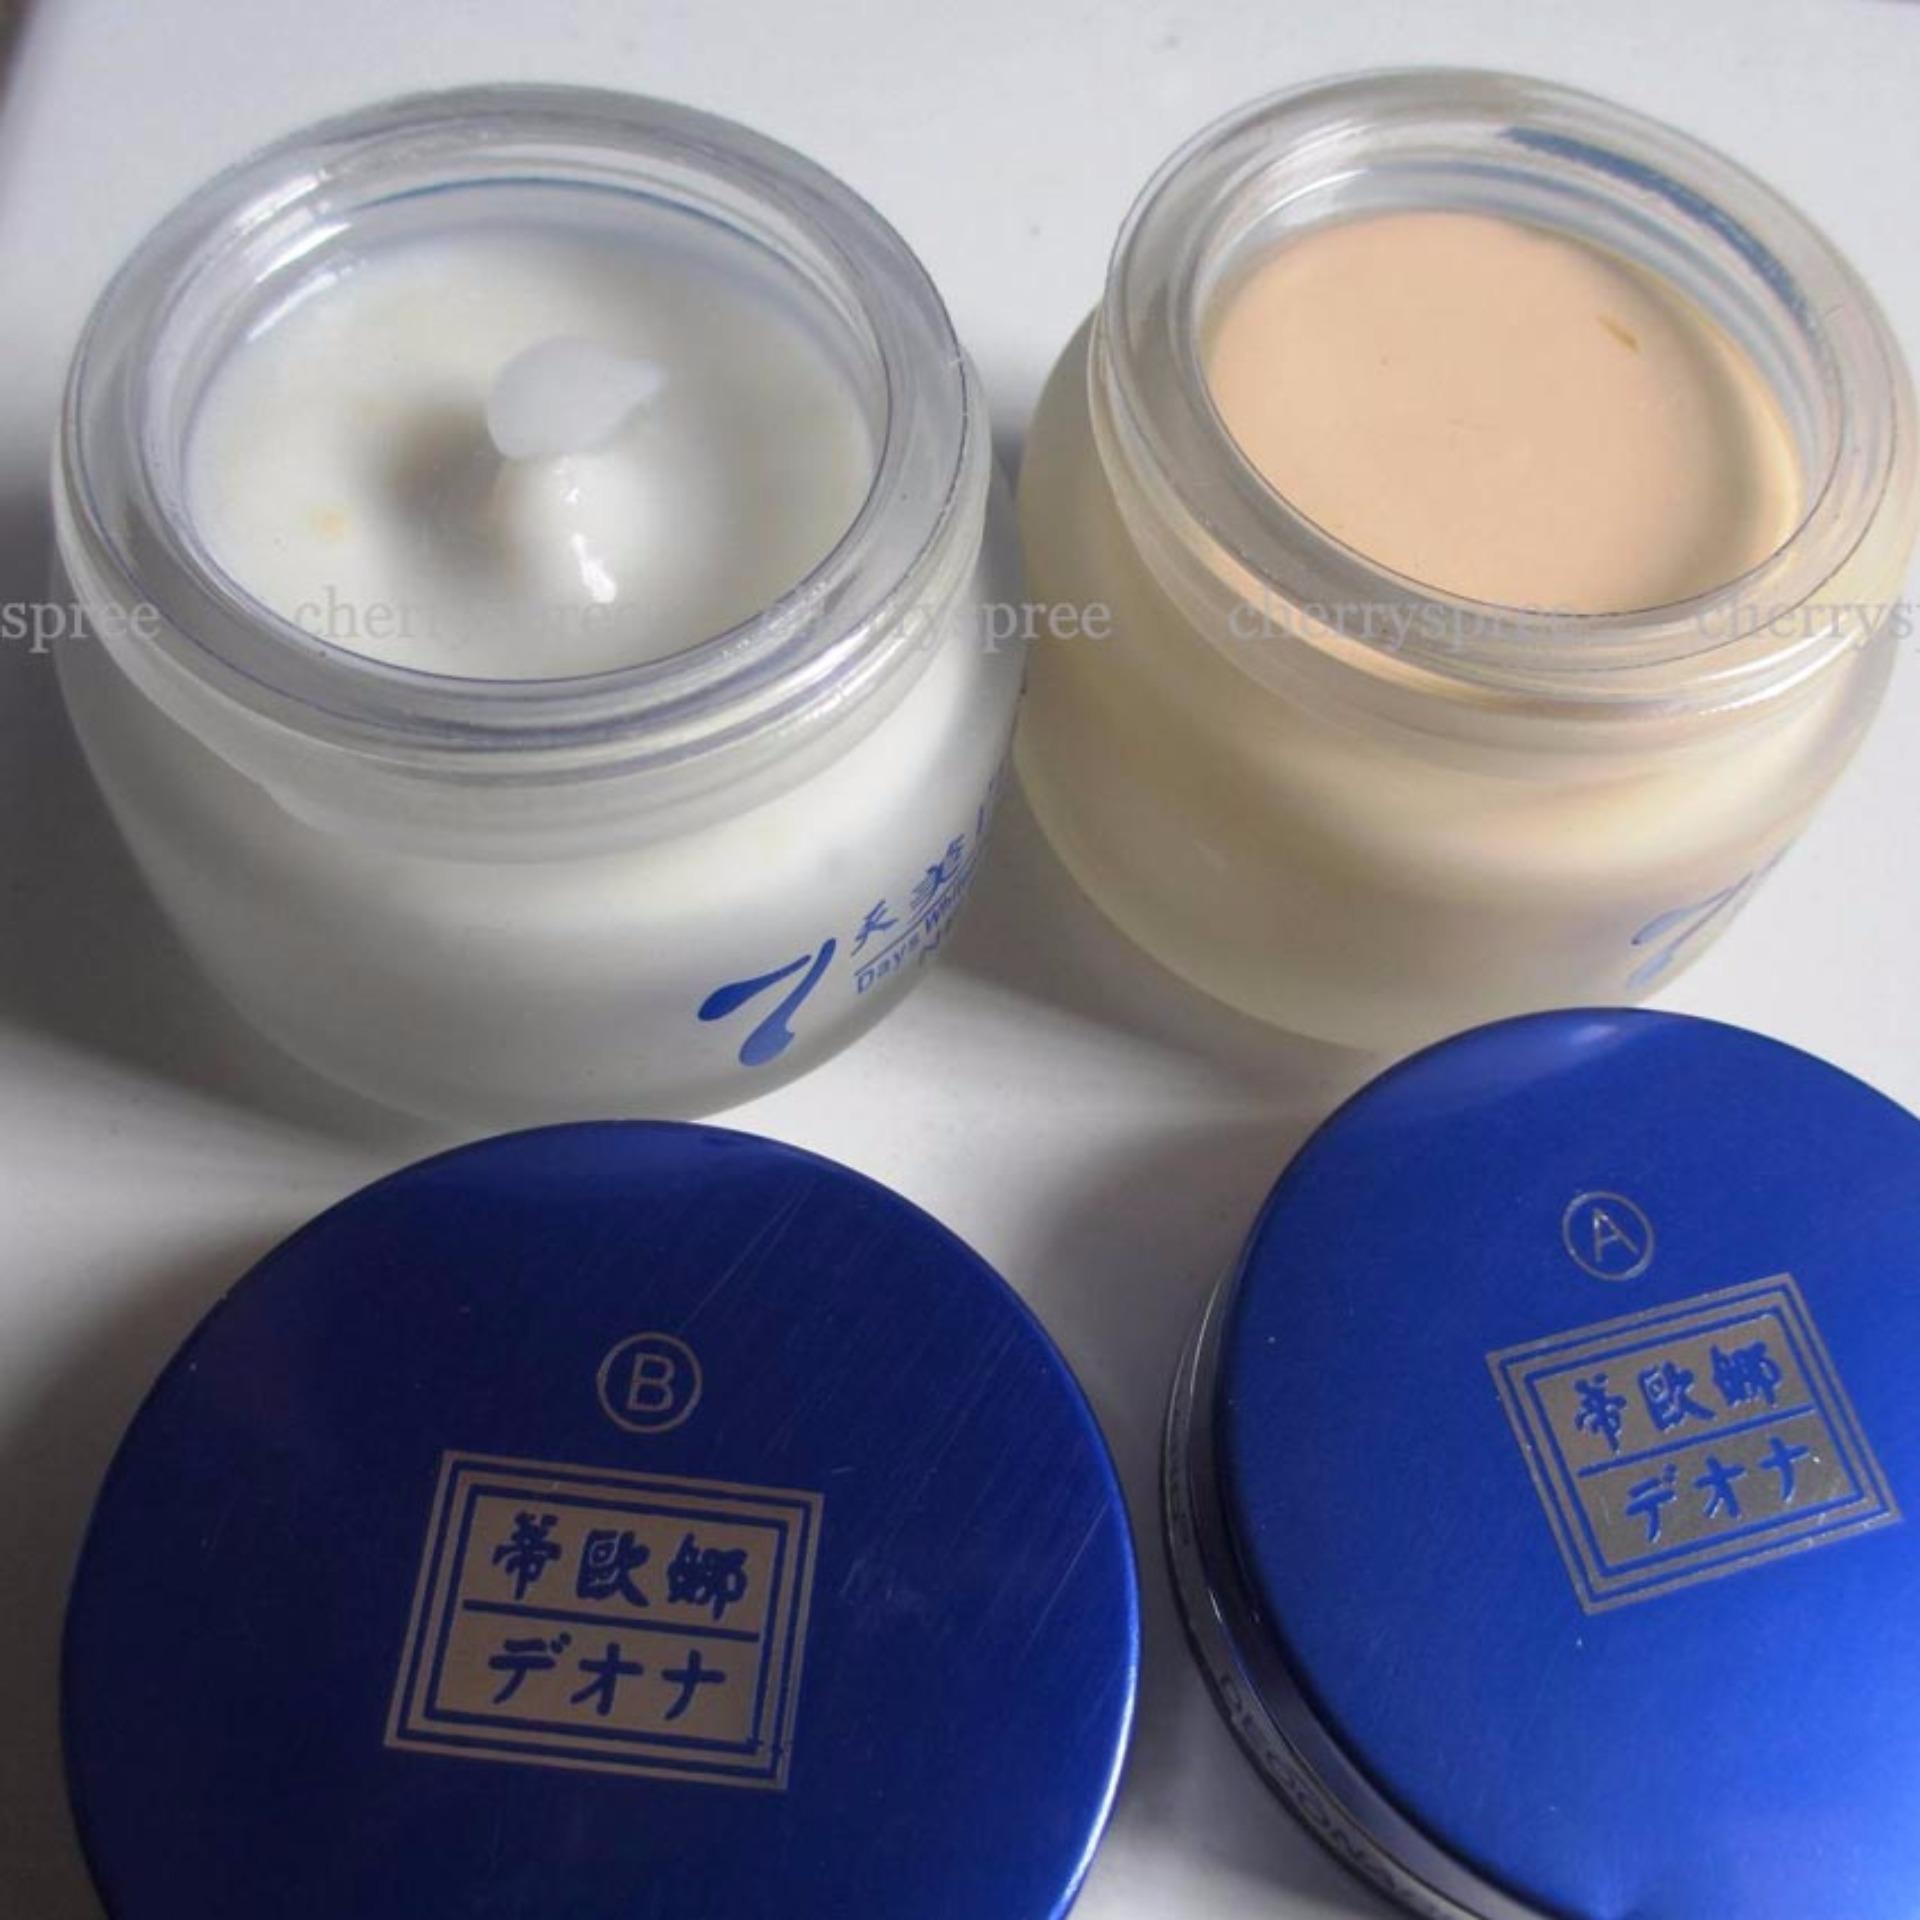 Deoonard Blue Original 7 Days Whitening & Spot Removing Range Paket Perawatan Wajah Cream Siang Malam ...